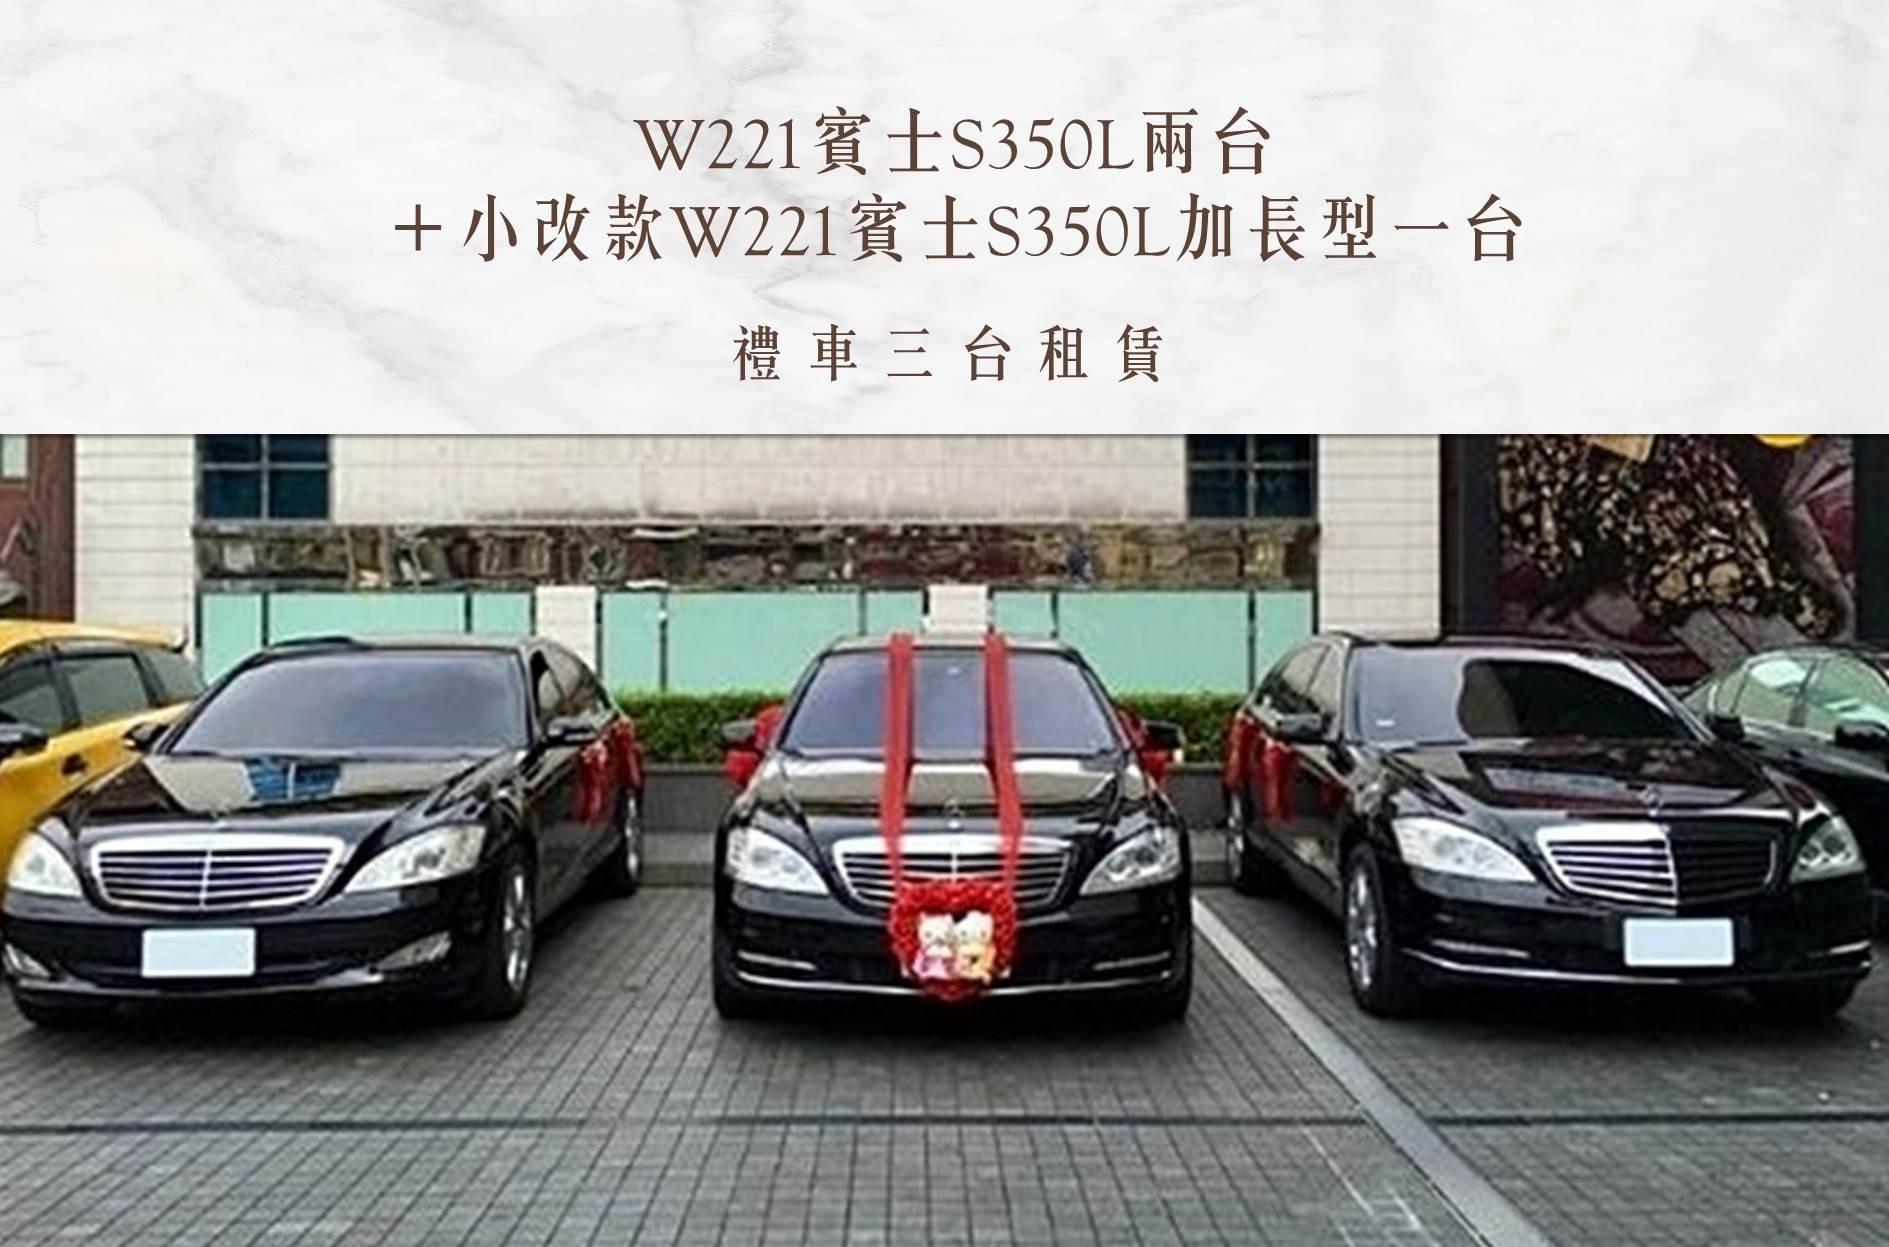 W221賓士S350L兩台+小改款W221賓士S350L加長型一台